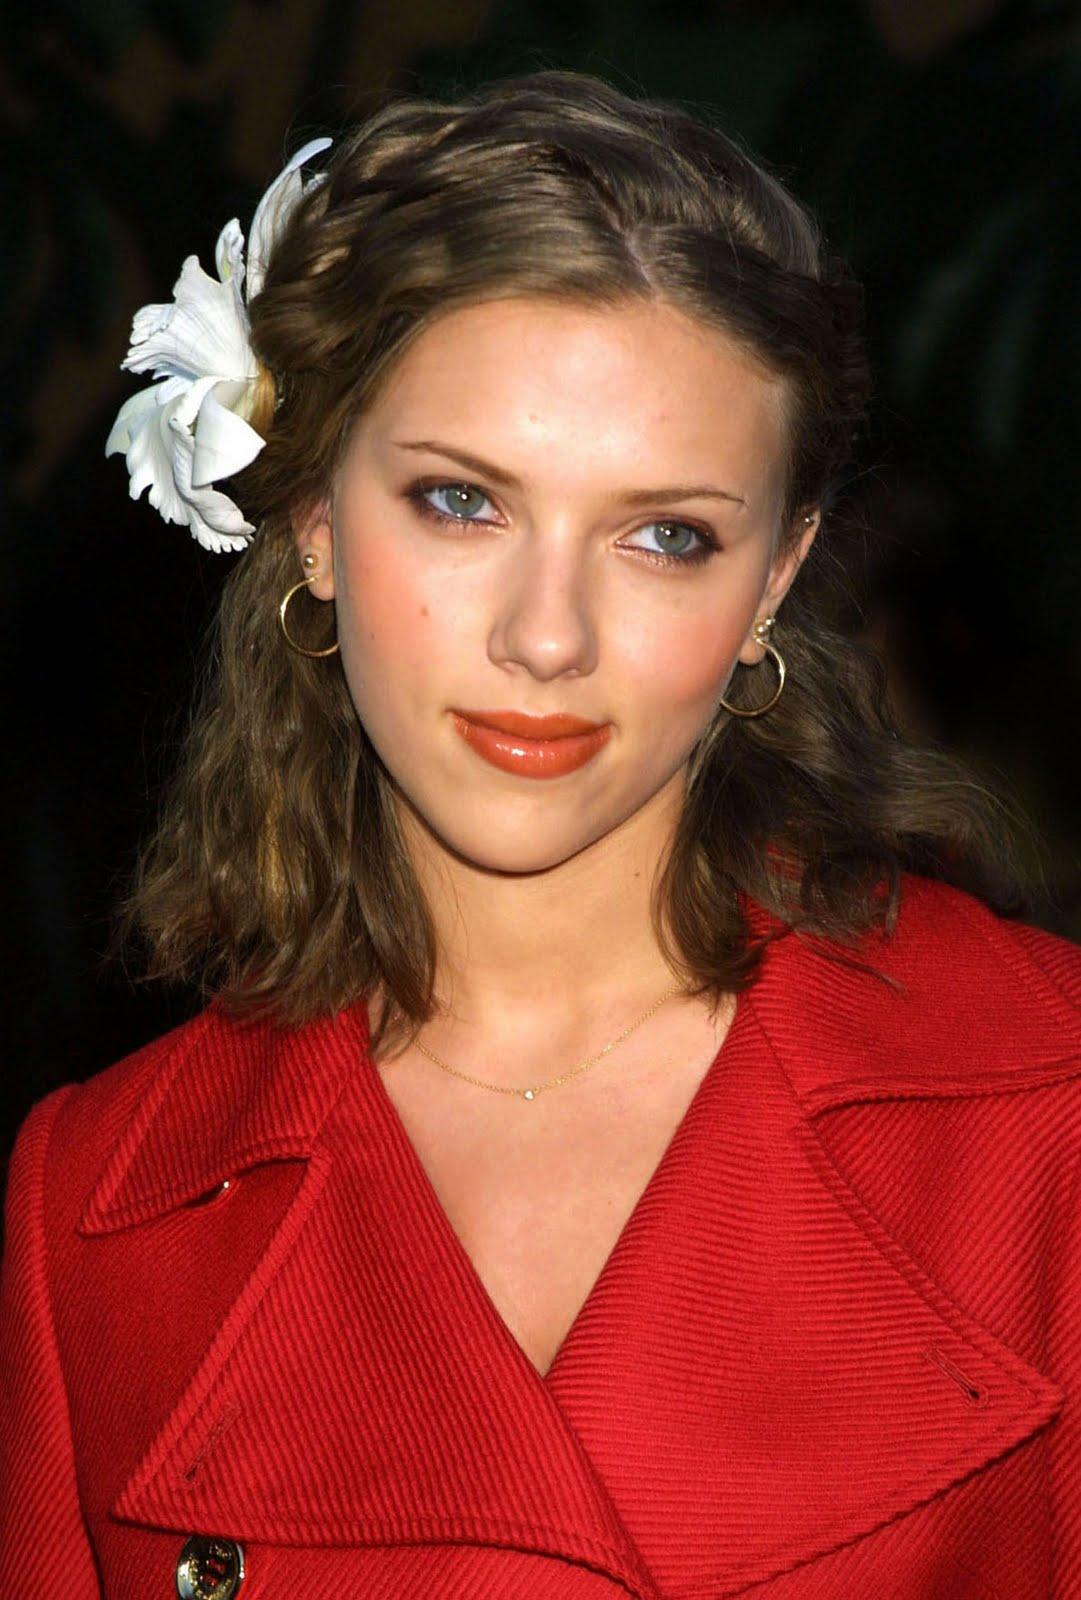 http://1.bp.blogspot.com/-DMshDJuknGI/TexBz5CIbDI/AAAAAAAAA6Y/KiiXSd1AHNI/s1600/Scarlett-Johansson-Picture-018.jpg